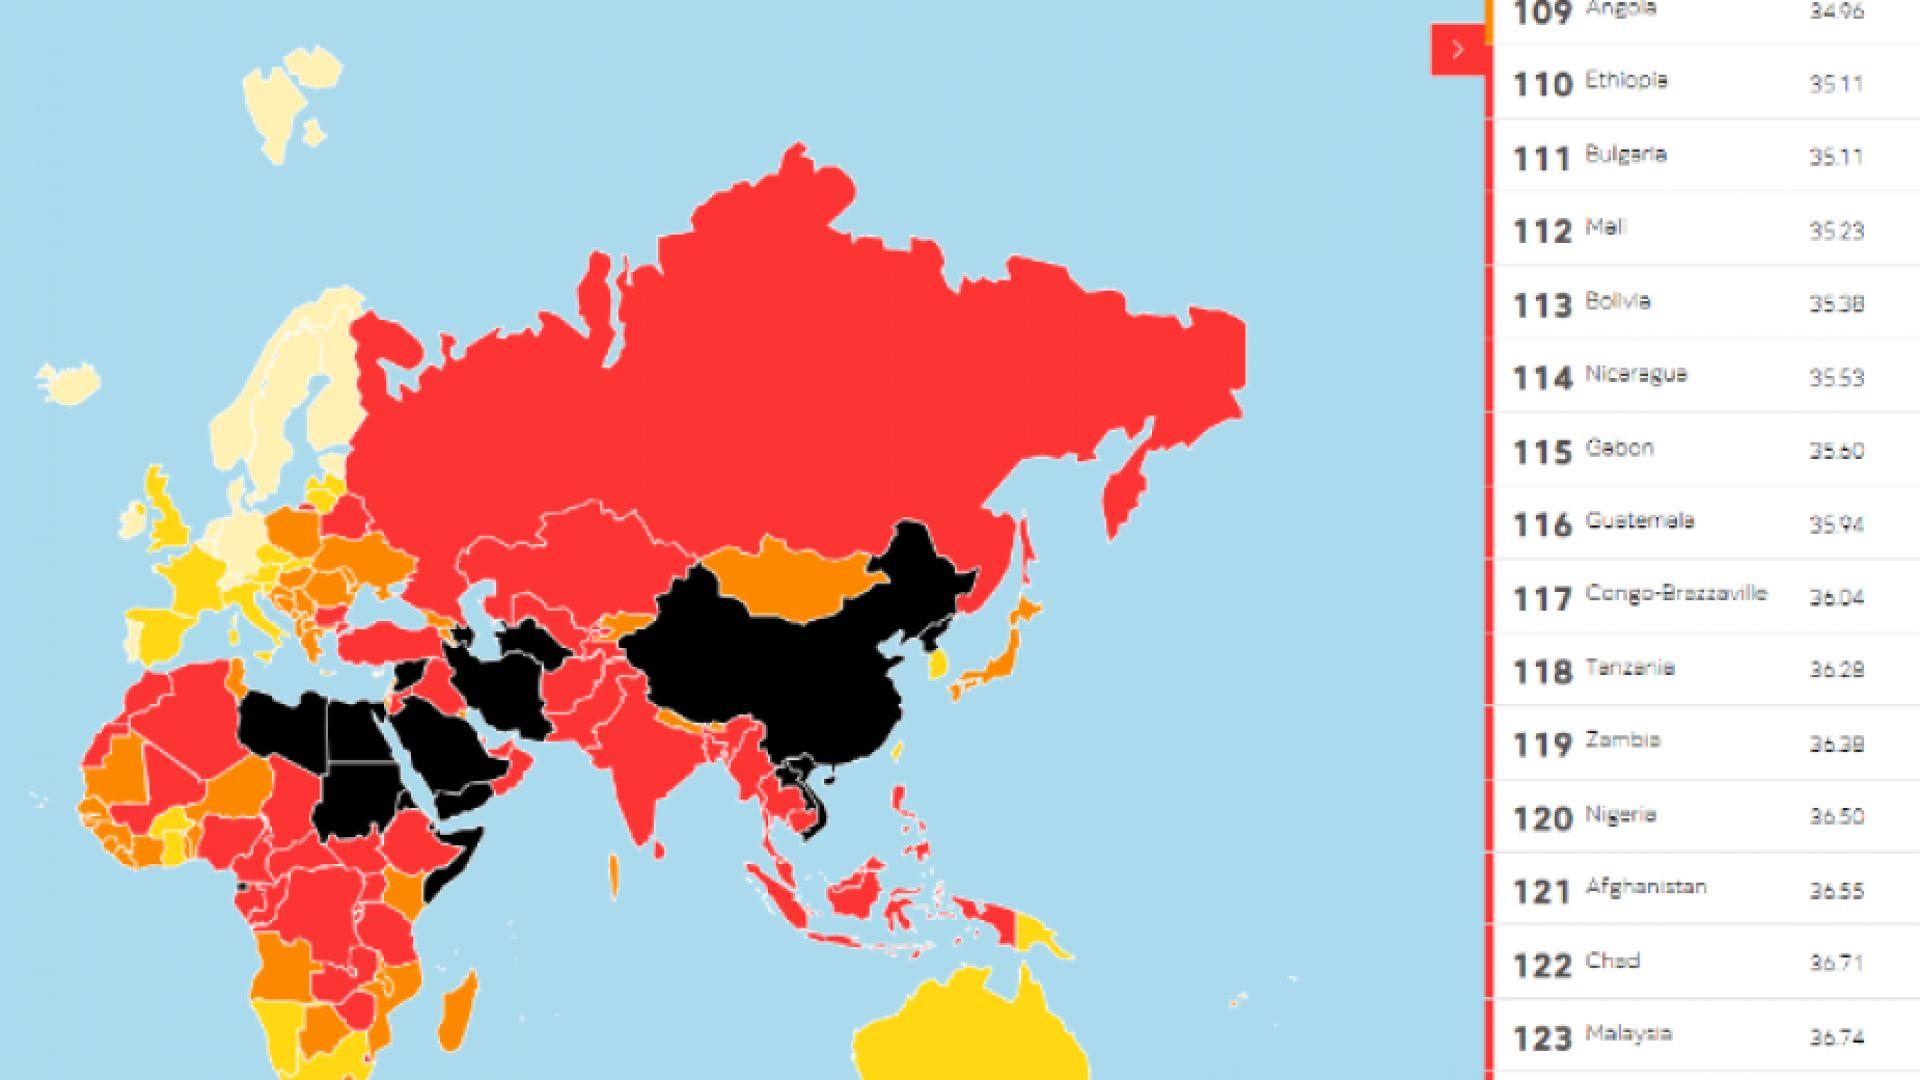 Свободата на словото на Балканите в опасност